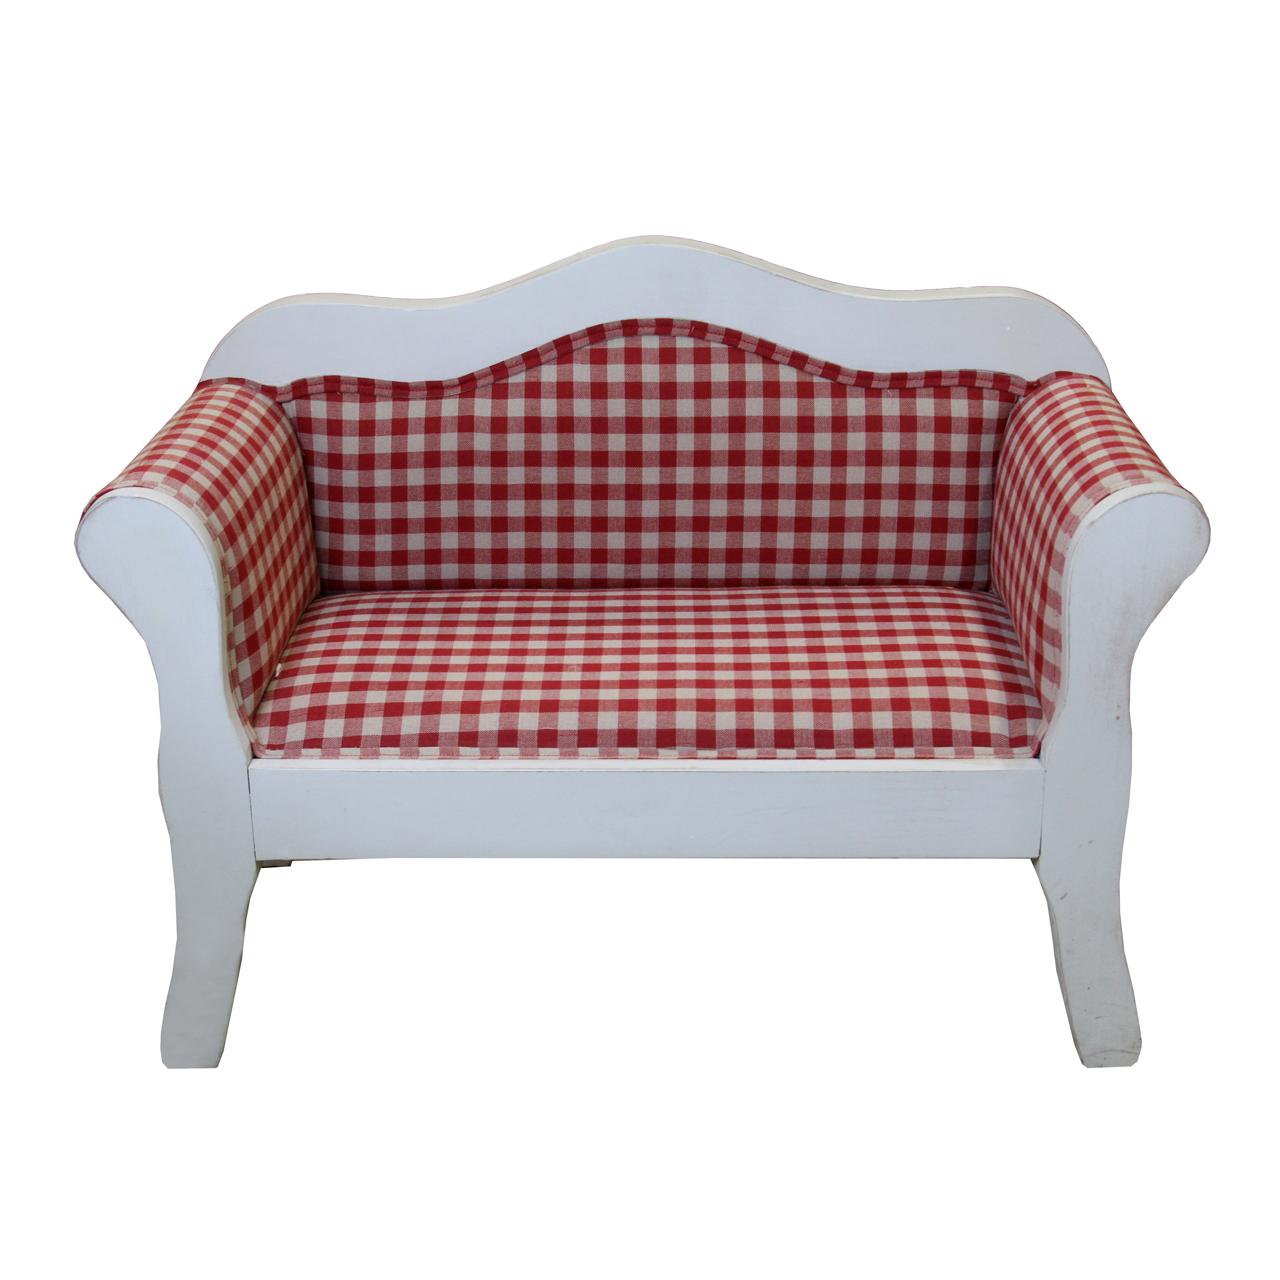 Canapea Pentru Copii Din Lemn Alb Si Tapiterie Rosu Pepit 41 Cm